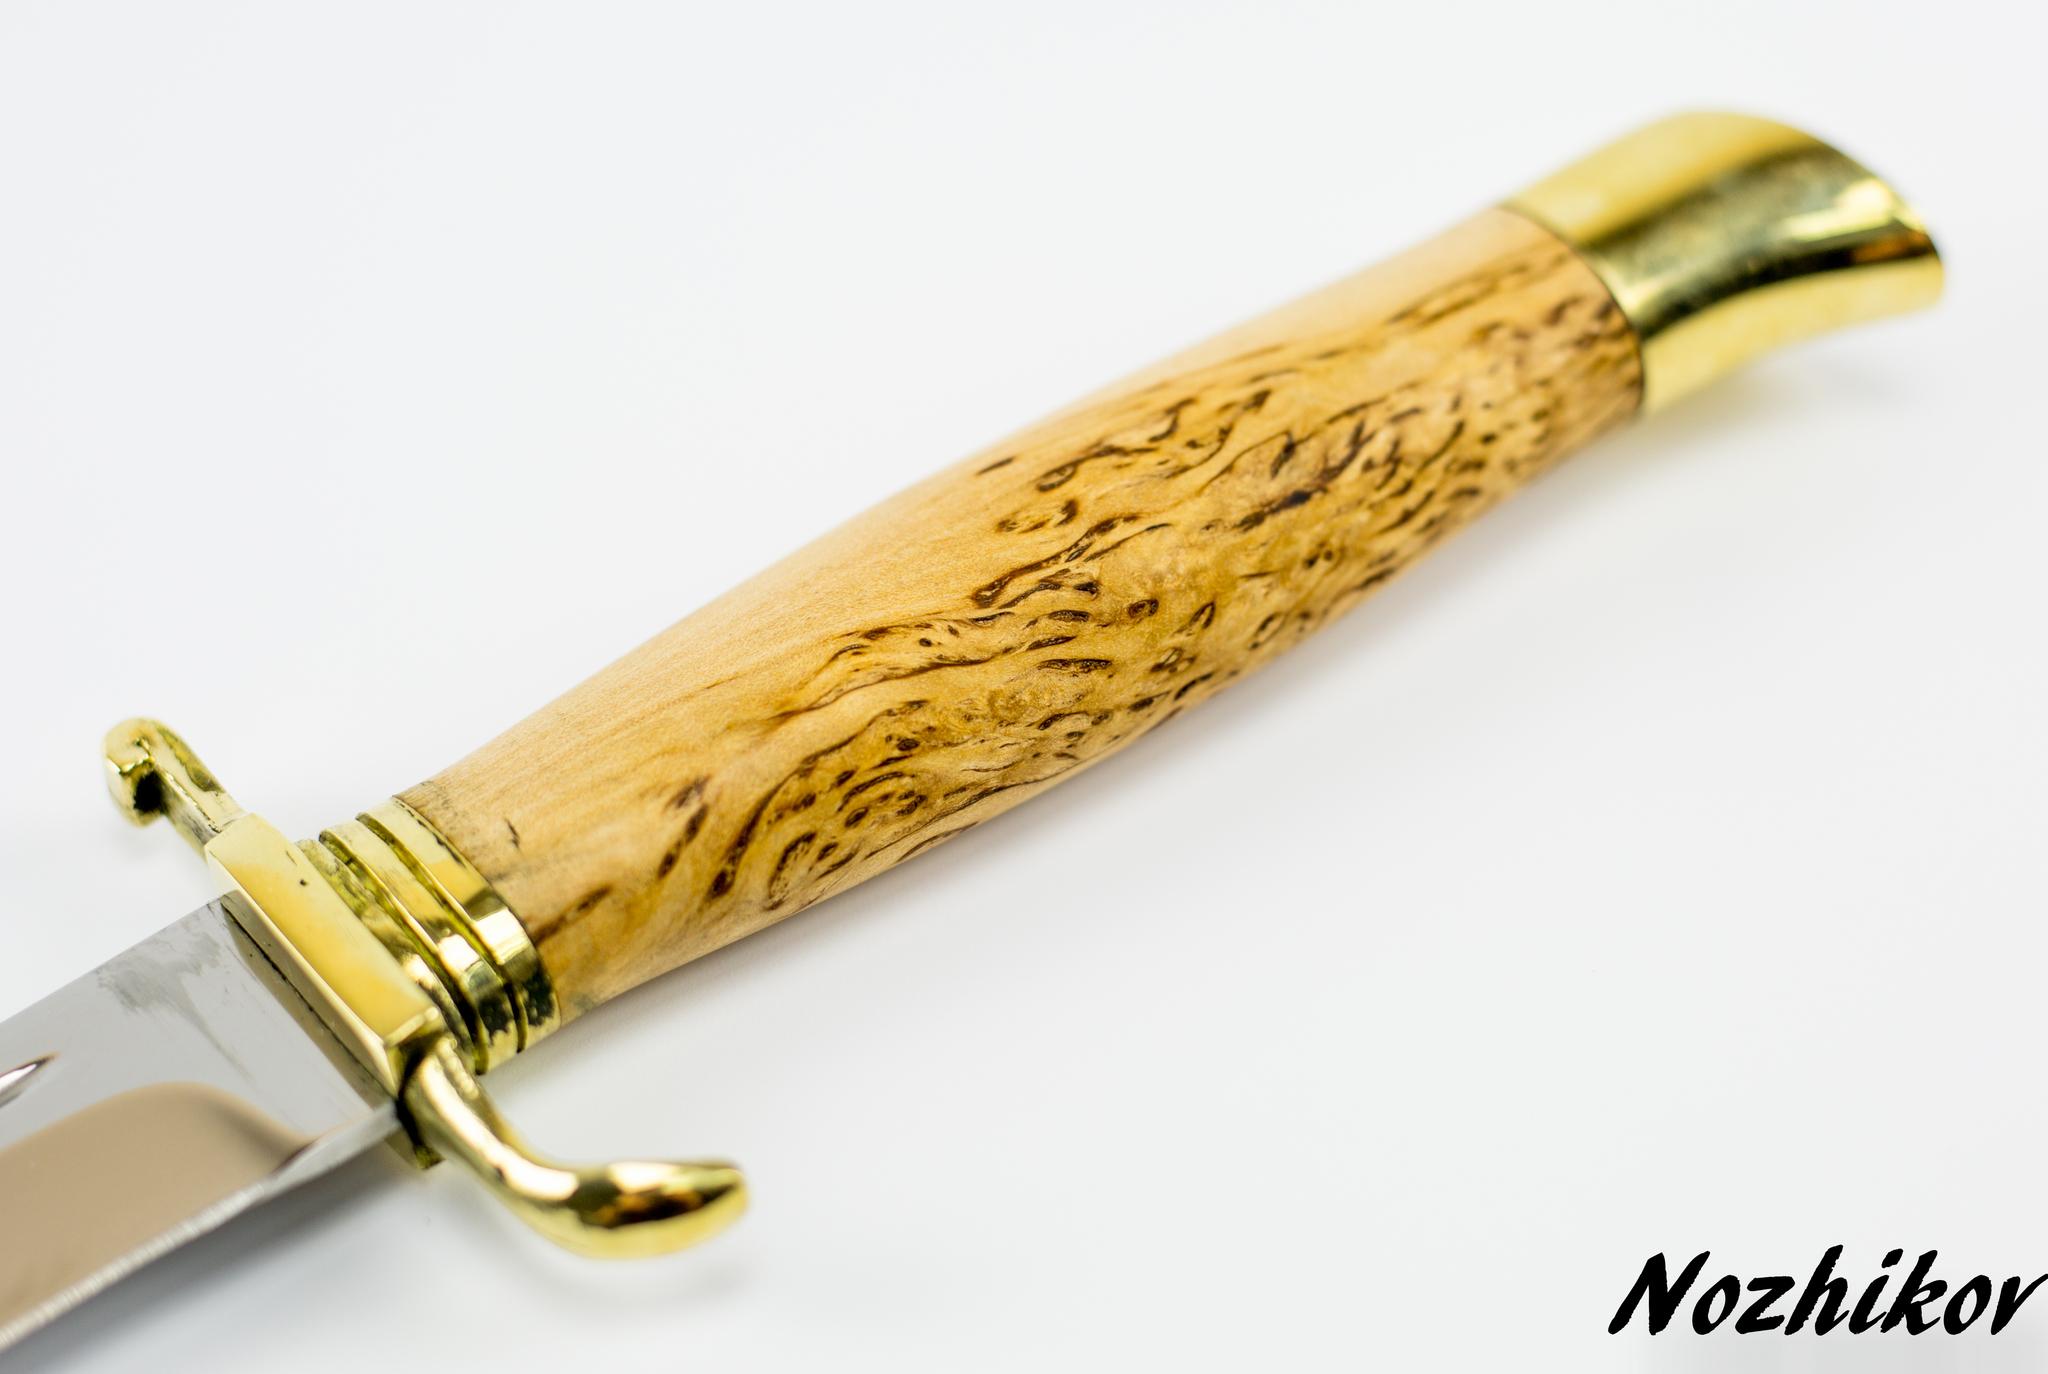 Фото 10 - Нож Финка НКВД 95х18, карельская береза от Мастерская Климентьева